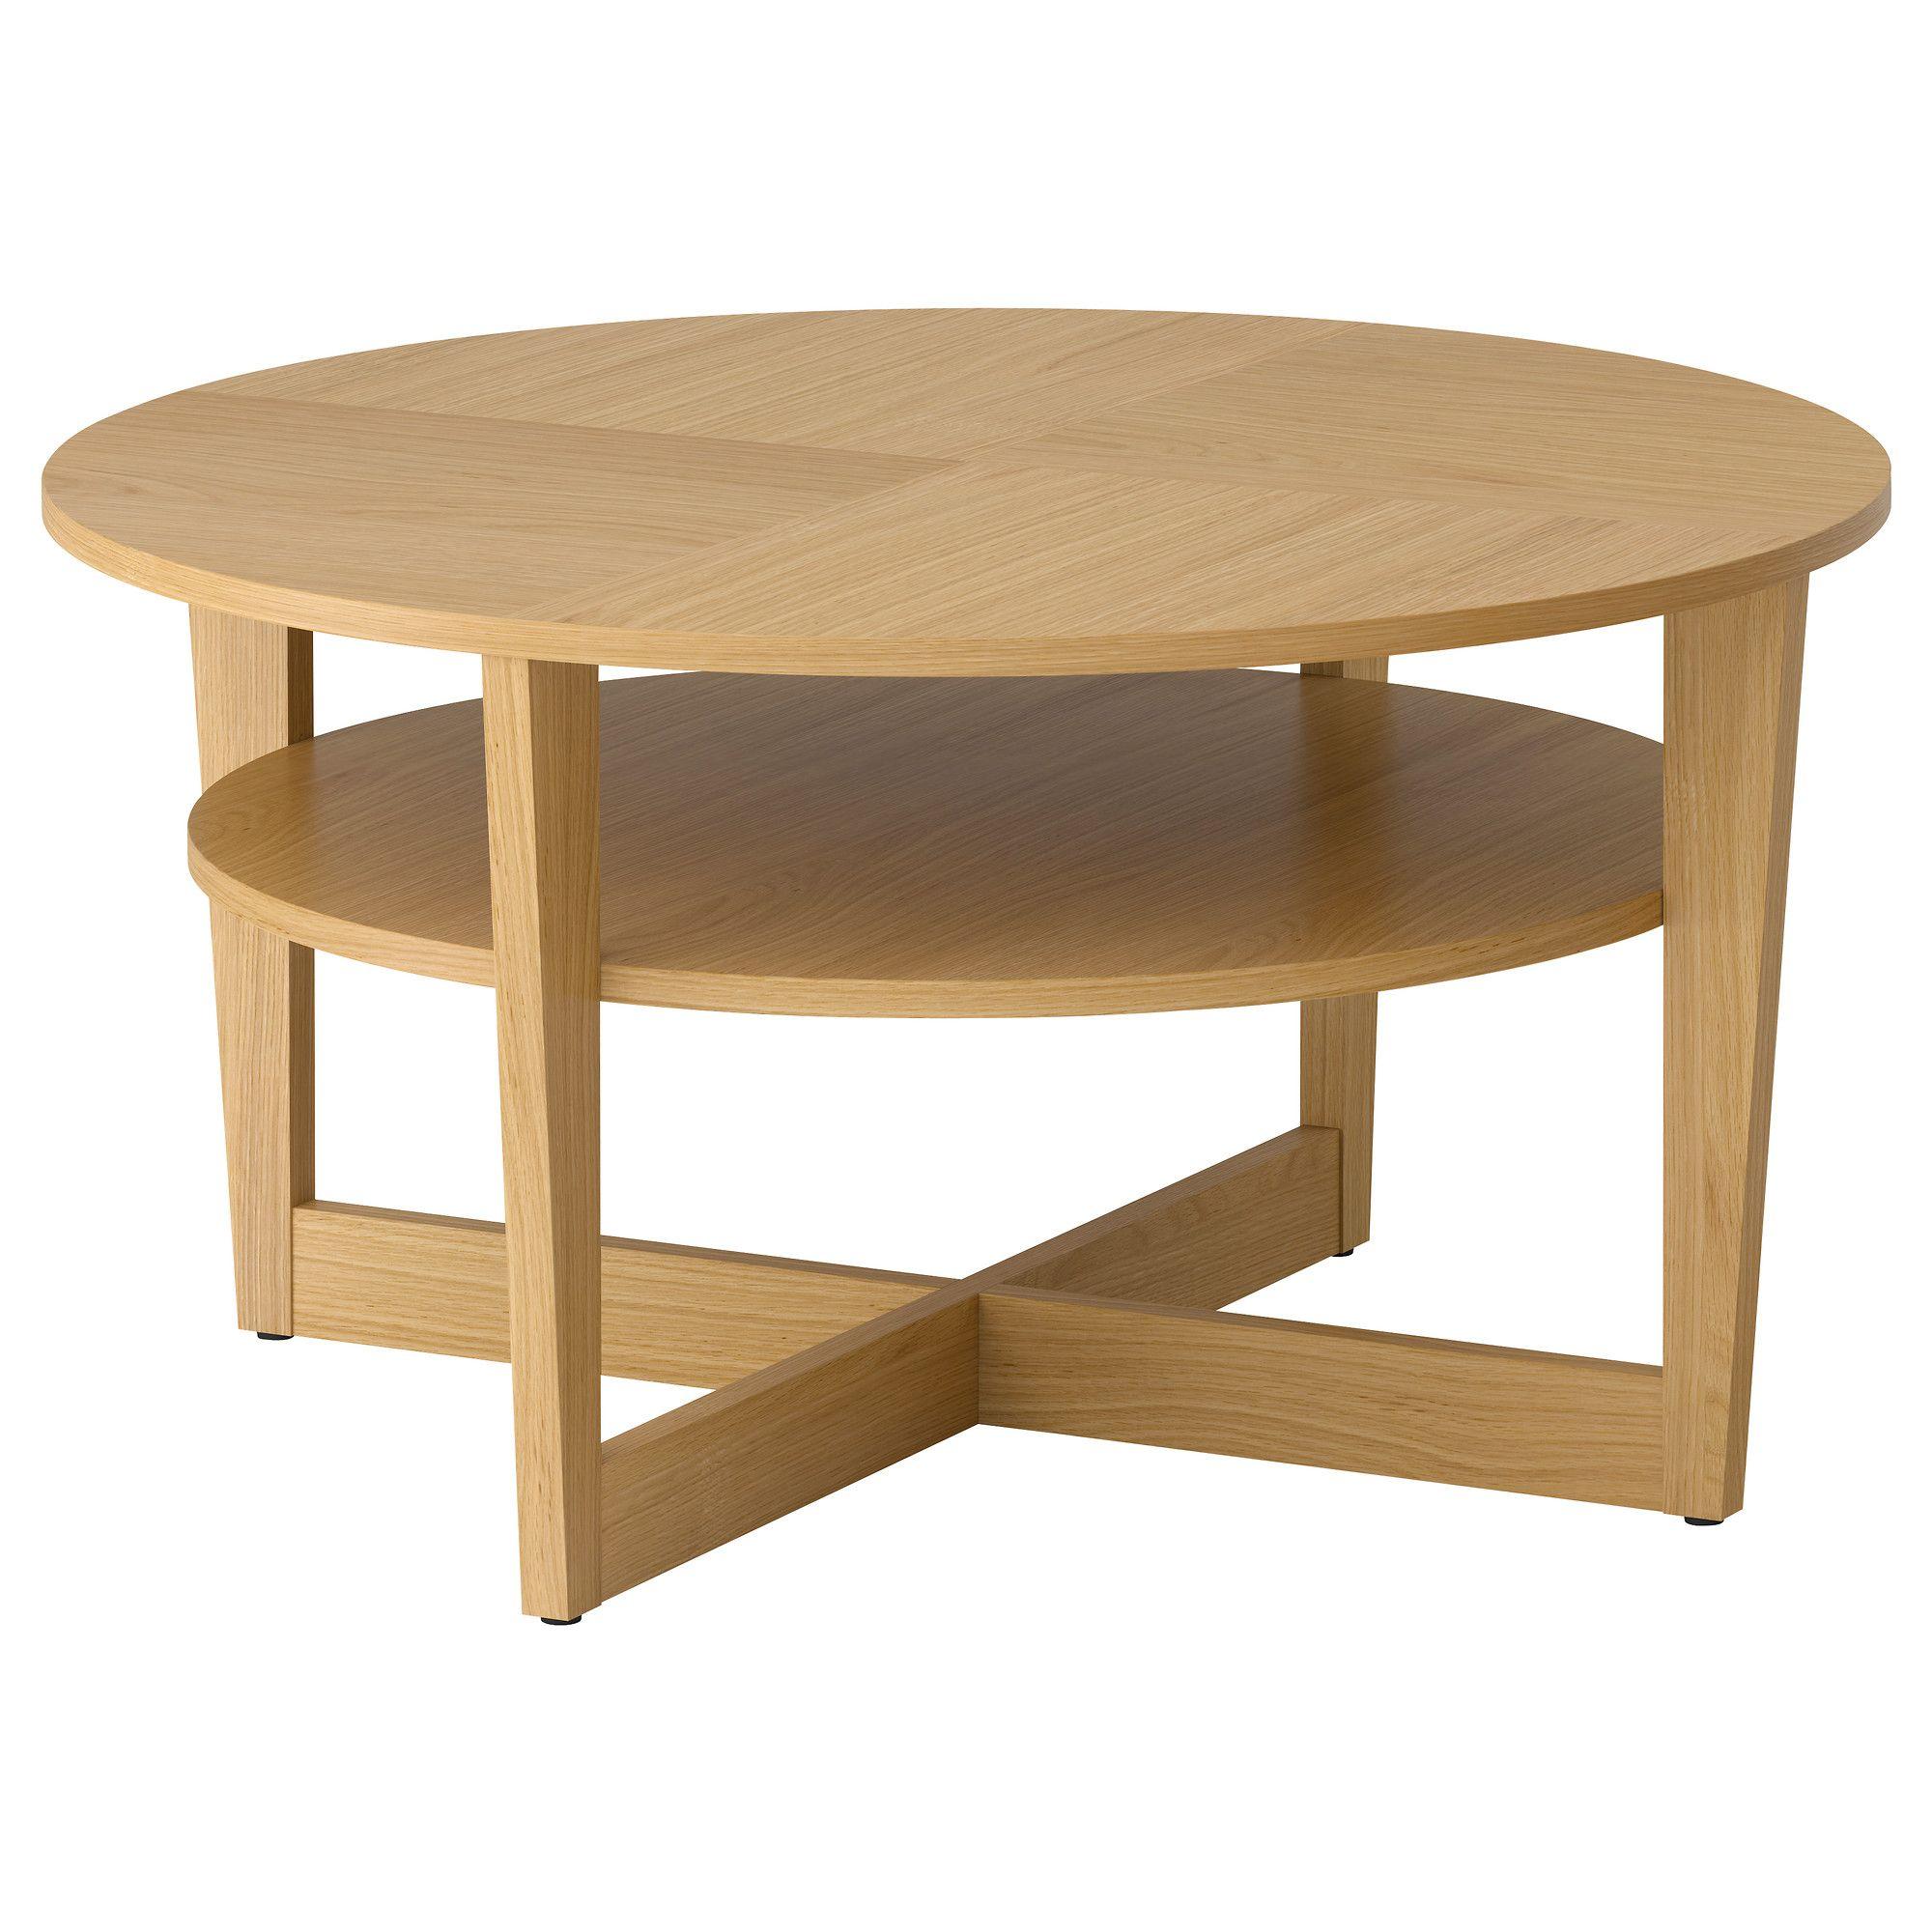 Ikea Coffee Table Desk: VEJMON Coffee Table Oak Veneer 90 Cm